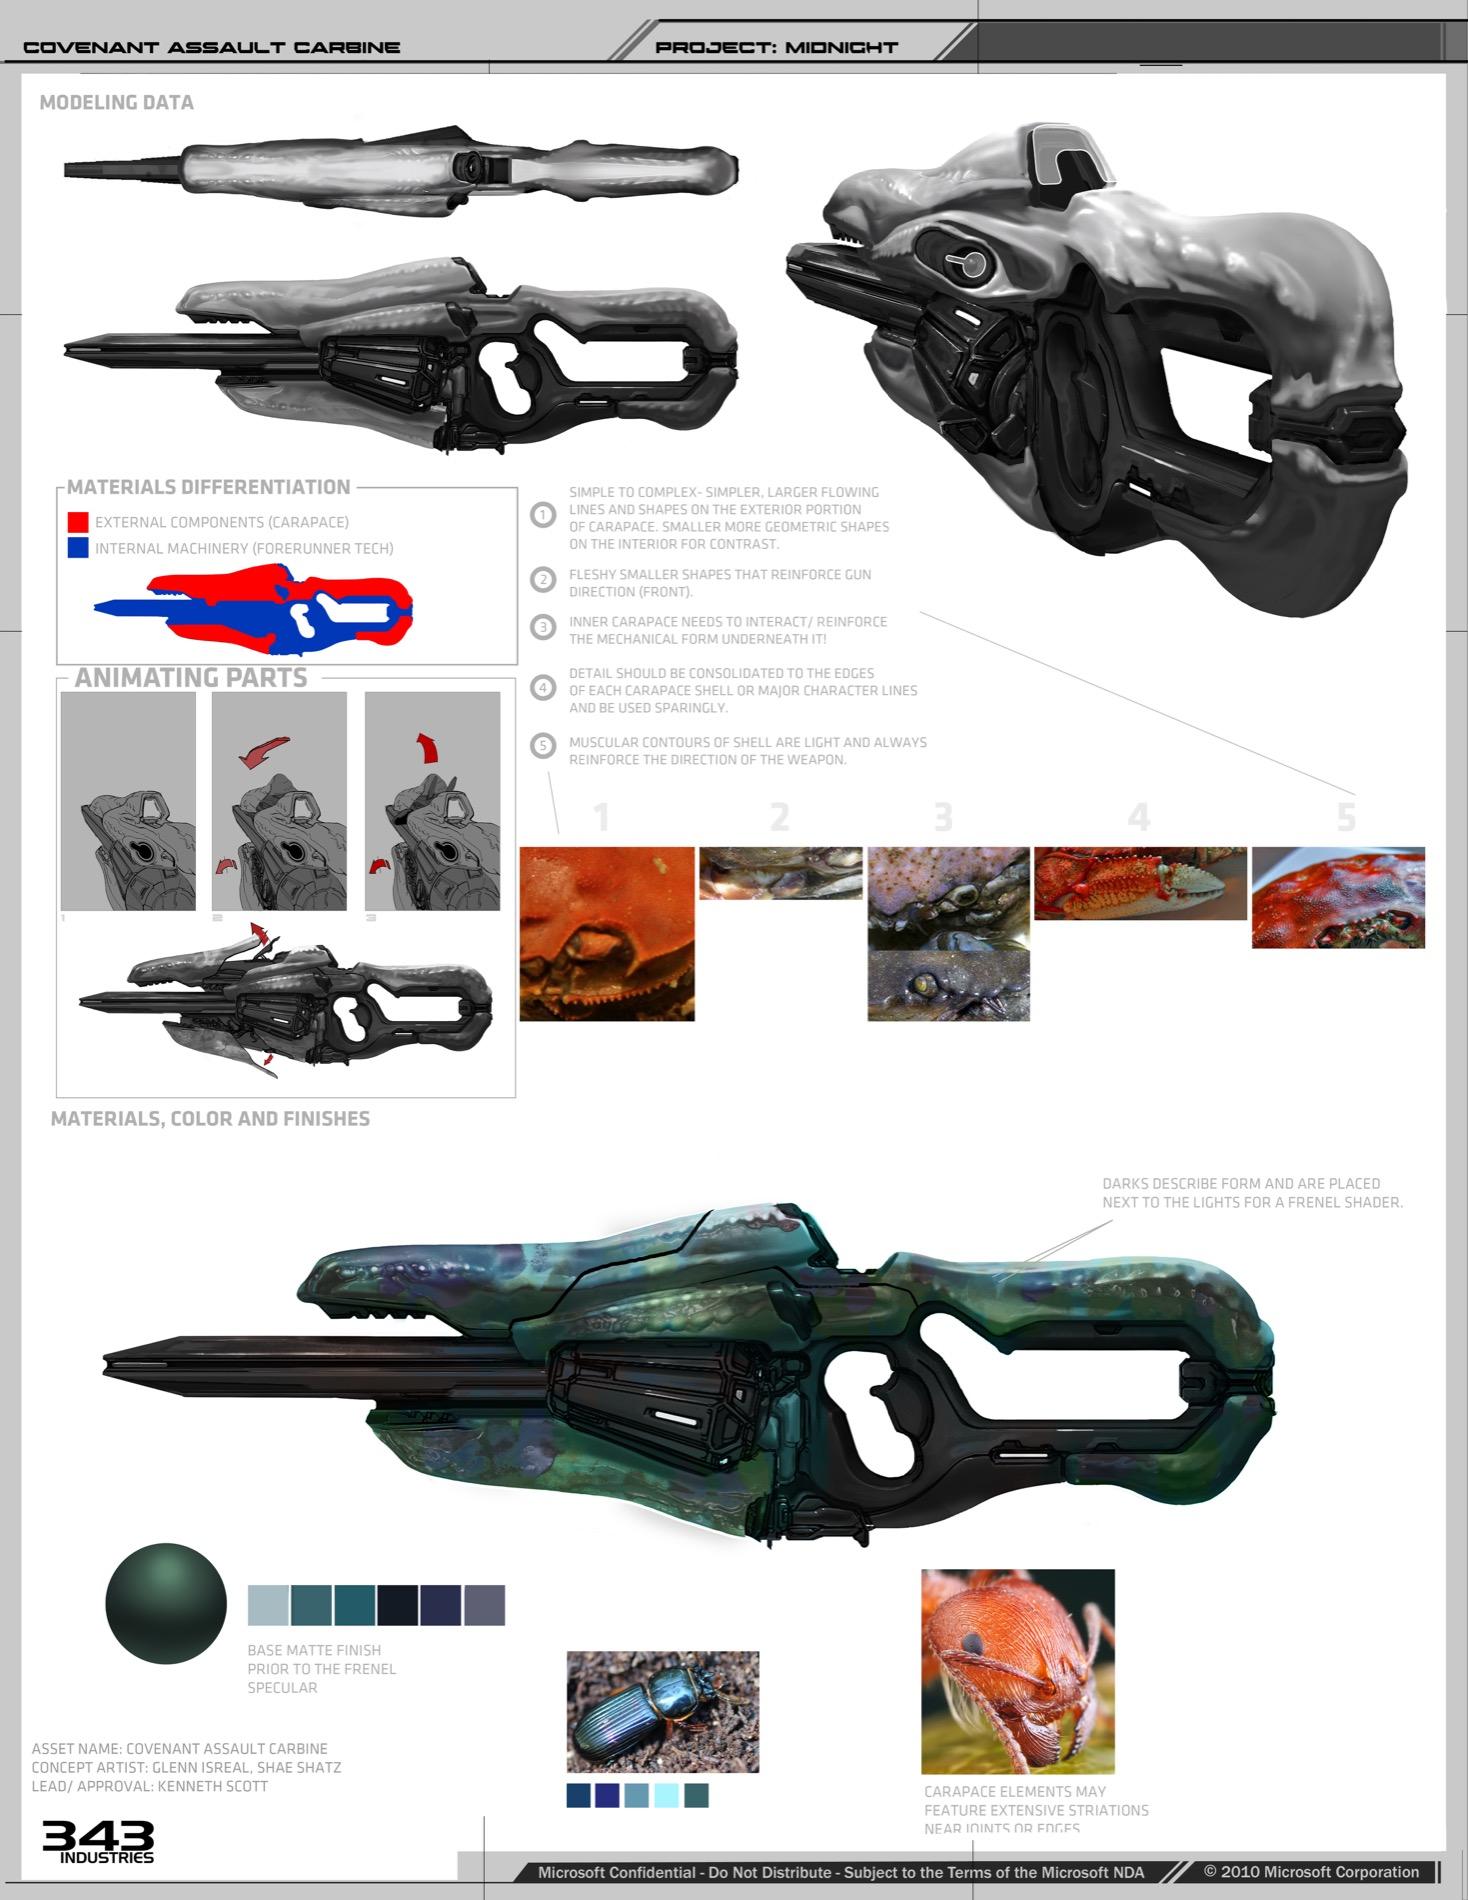 assault-carbine-callout-sheet-003.jpg